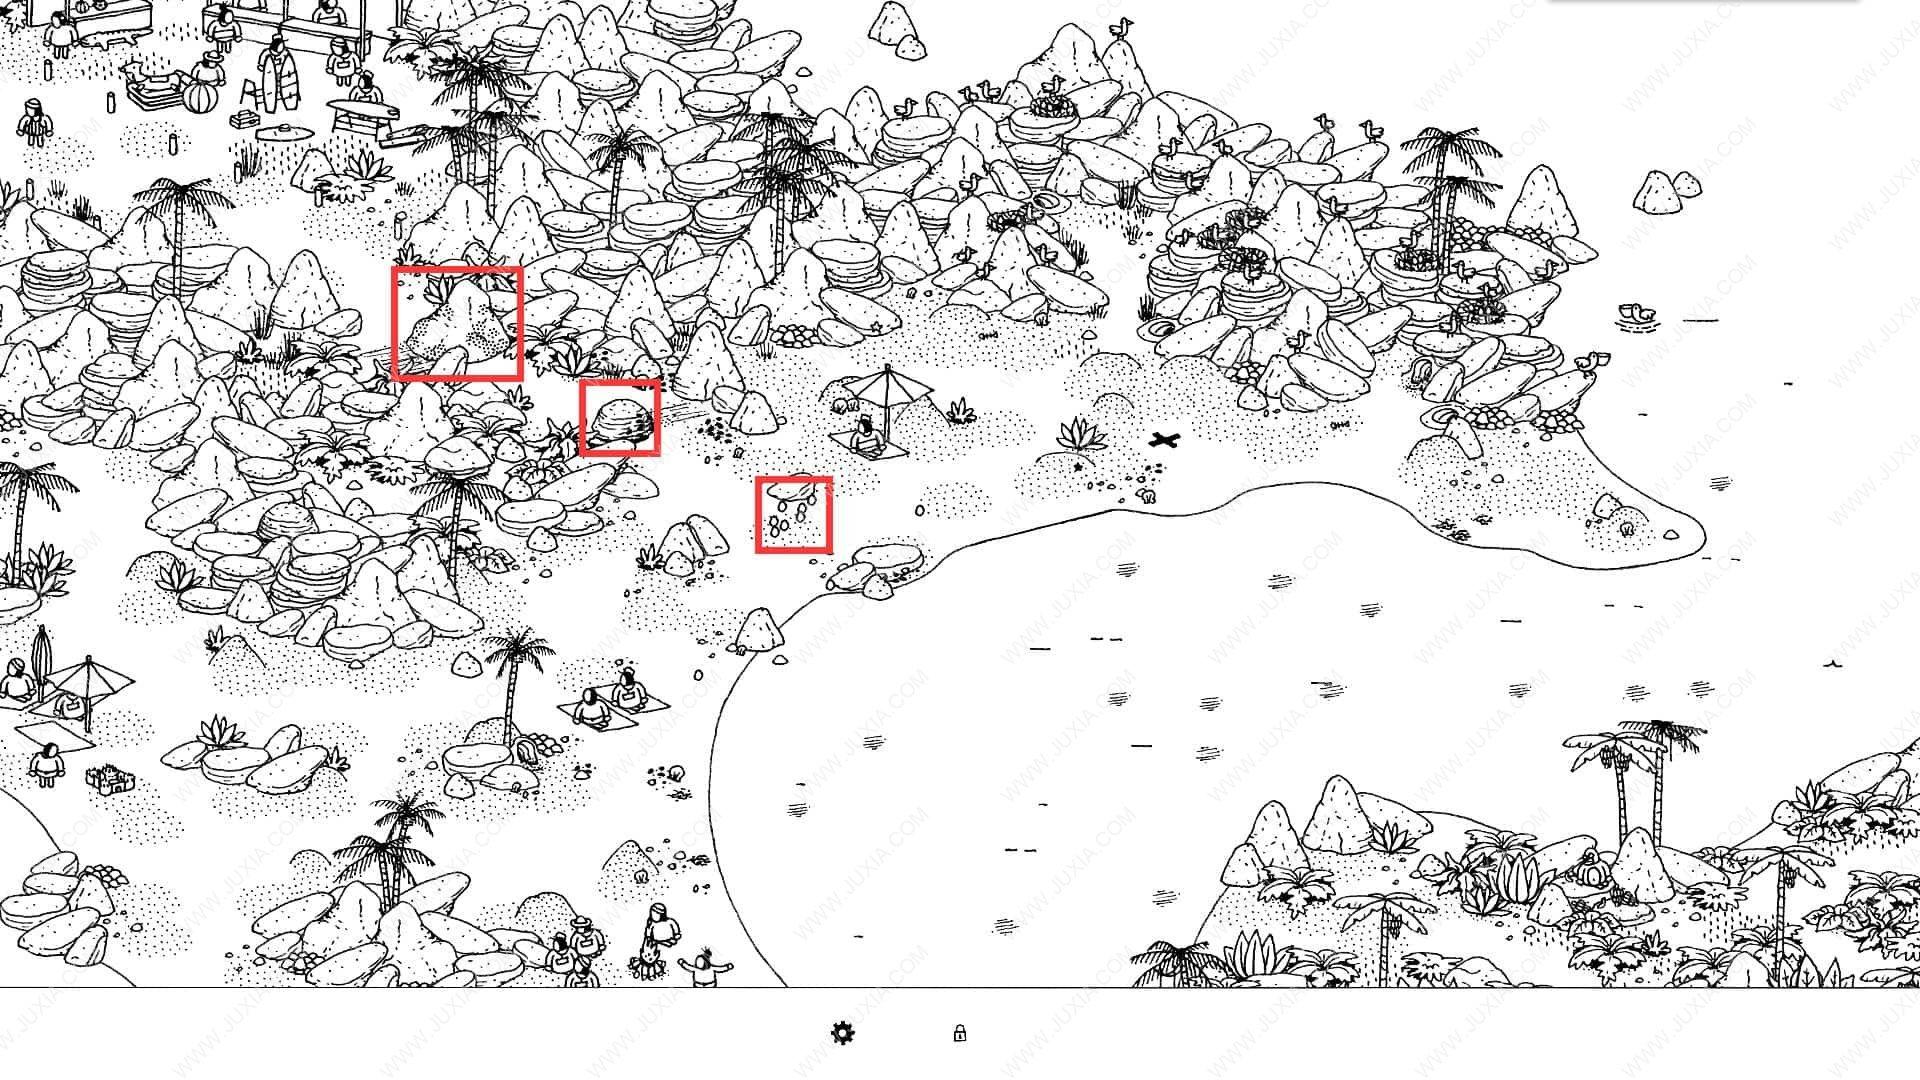 隐藏的家伙海滩攻略3 HiddenFolks图文攻略海滩第三关